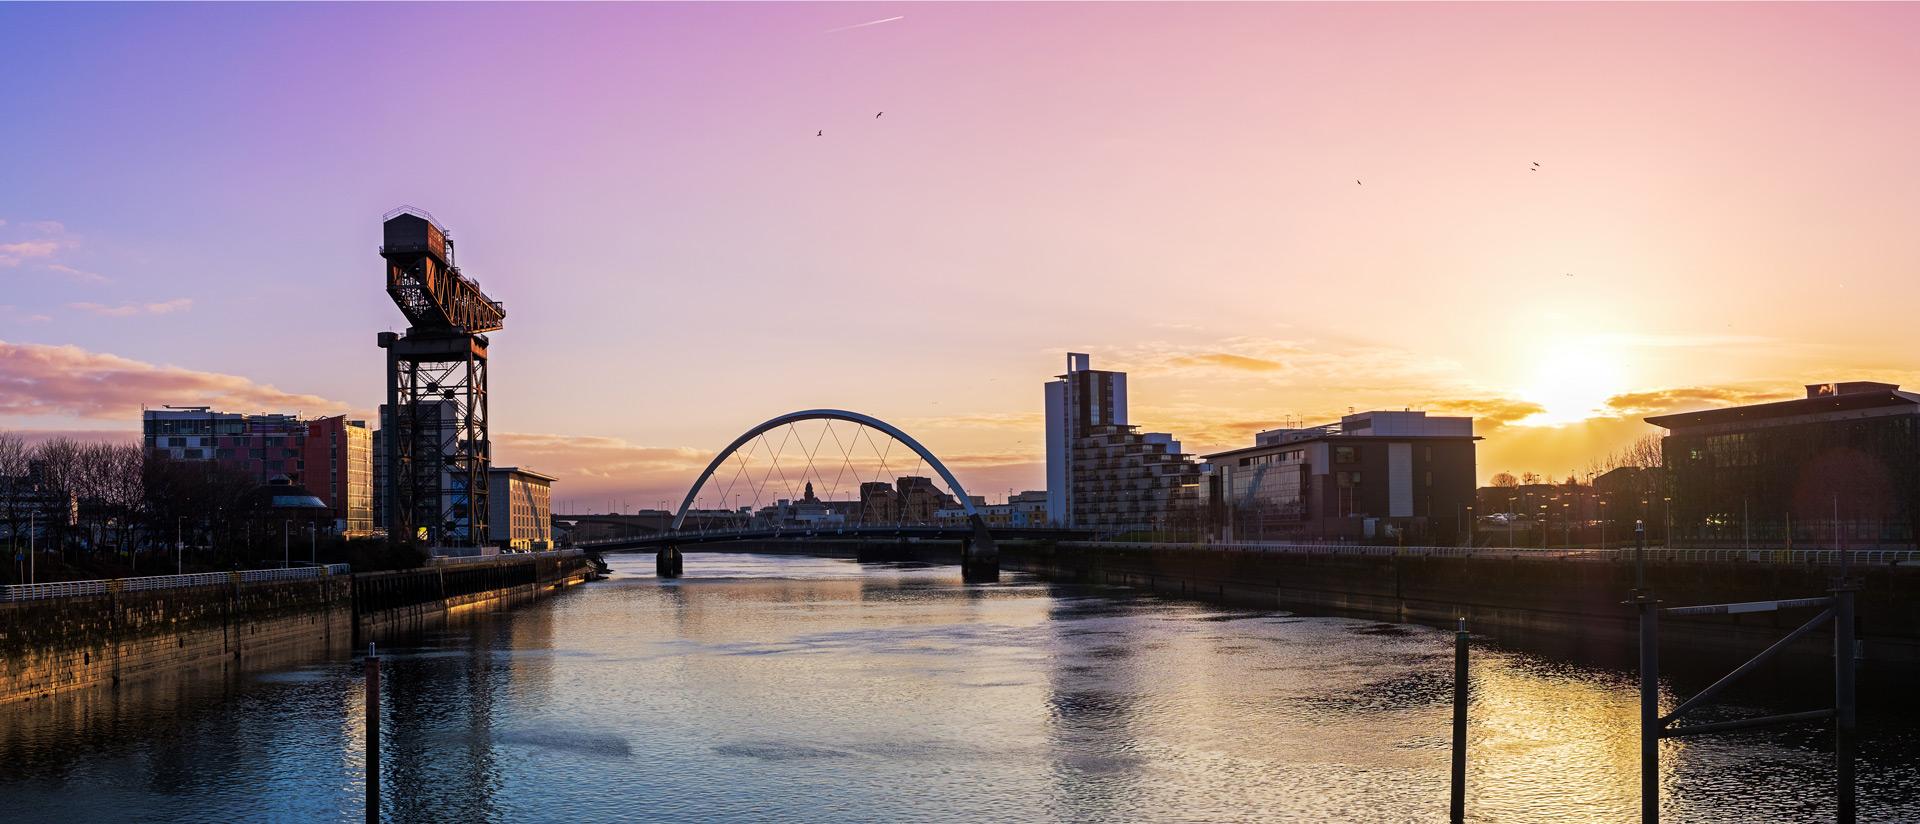 Ross & Liddell's HQ is in Glasgow